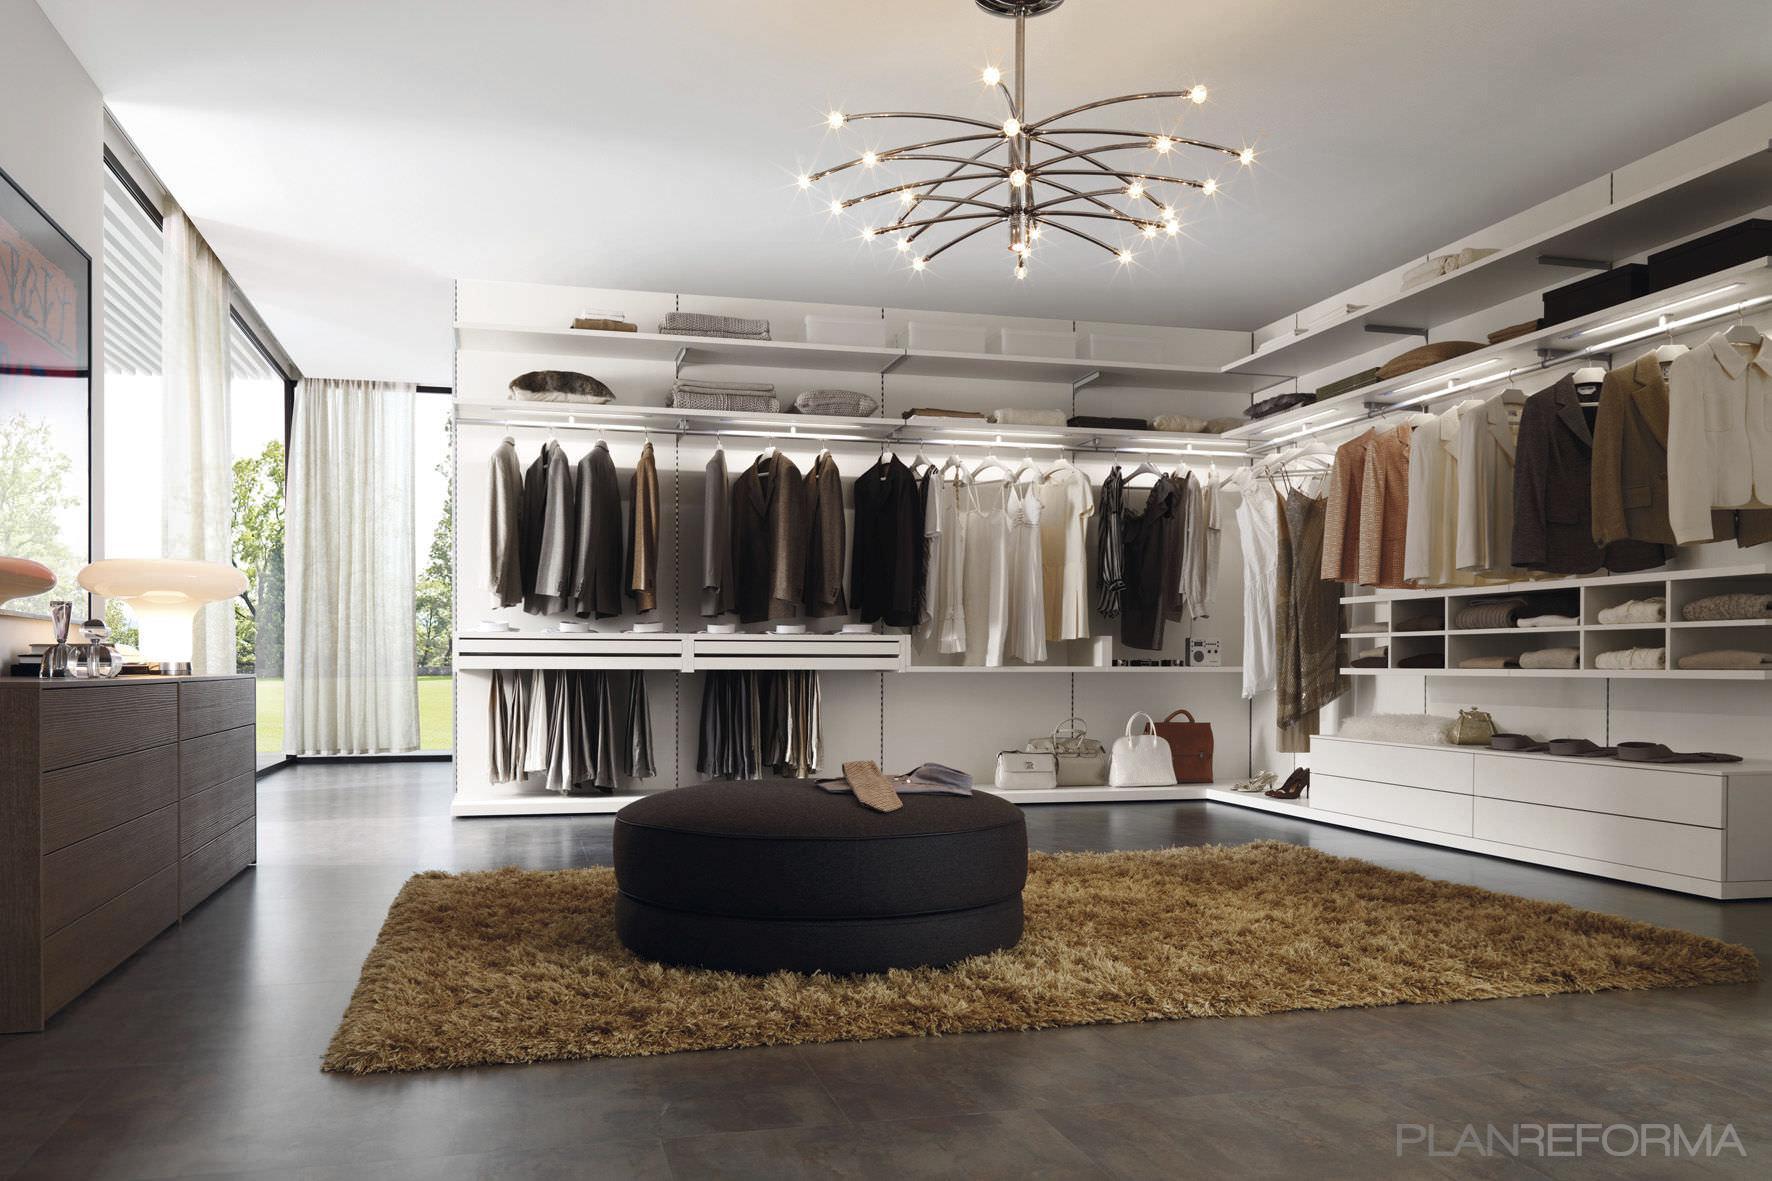 cambiar bao por style moderno color marron blanco gris gris diseado por cambiar bao por vestidor